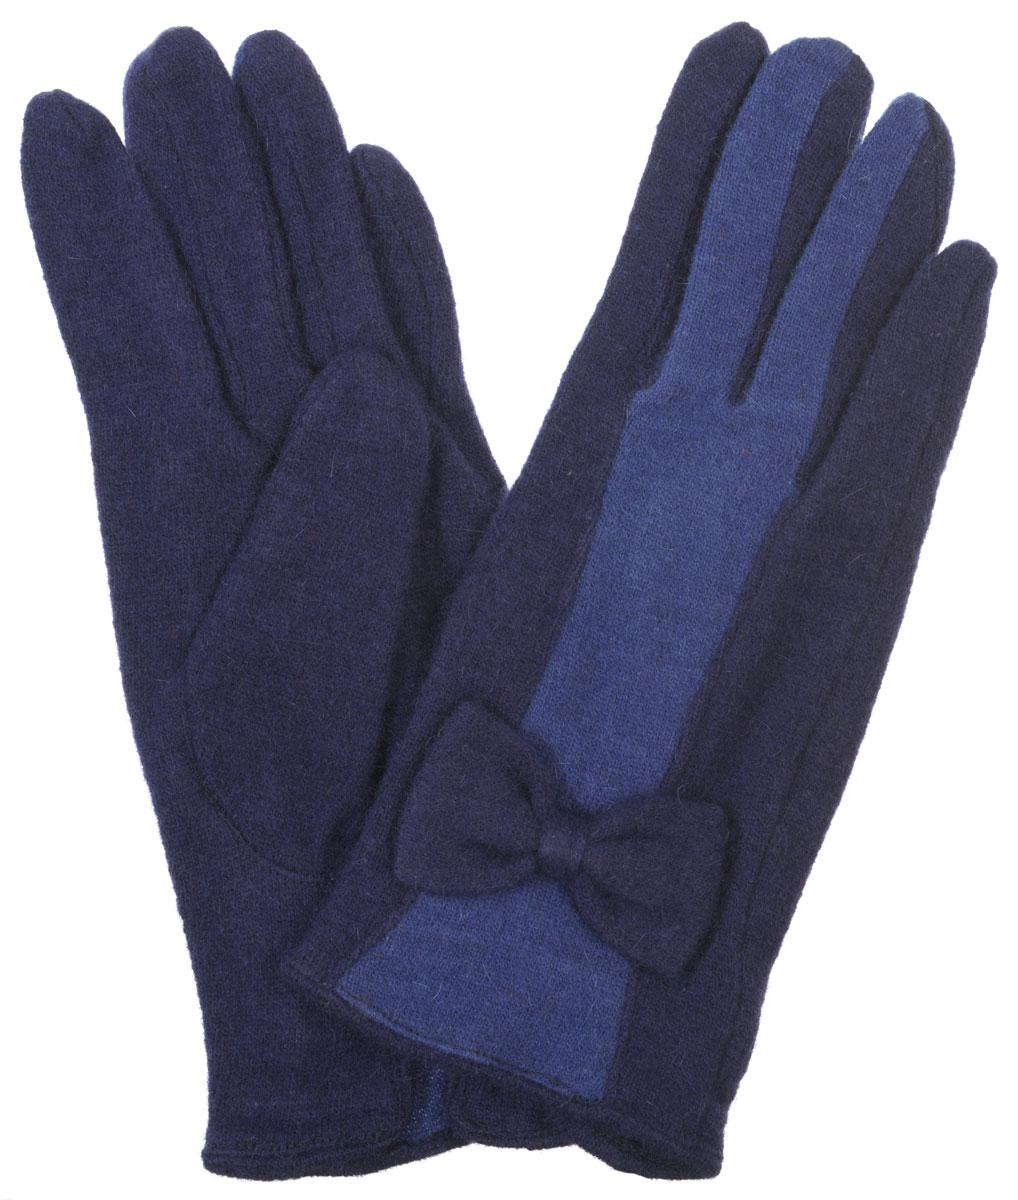 Перчатки женские Labbra, цвет: темно-синий, синий. LB-PH-39. Размер S (6,5)LB-PH-39Элегантные женские перчатки Labbra станут великолепным дополнением вашего образа и защитят ваши руки от холода и ветра во время прогулок.Перчатки выполнены из плотного шерстяного трикотажа. Модель оформлена декоративным бантиком на манжете и контрастным переходом цветов на лицевой стороне модели. Такие перчатки будут оригинальным завершающим штрихом в создании современного модного образа, они подчеркнут ваш изысканный вкус и станут незаменимым и практичным аксессуаром.